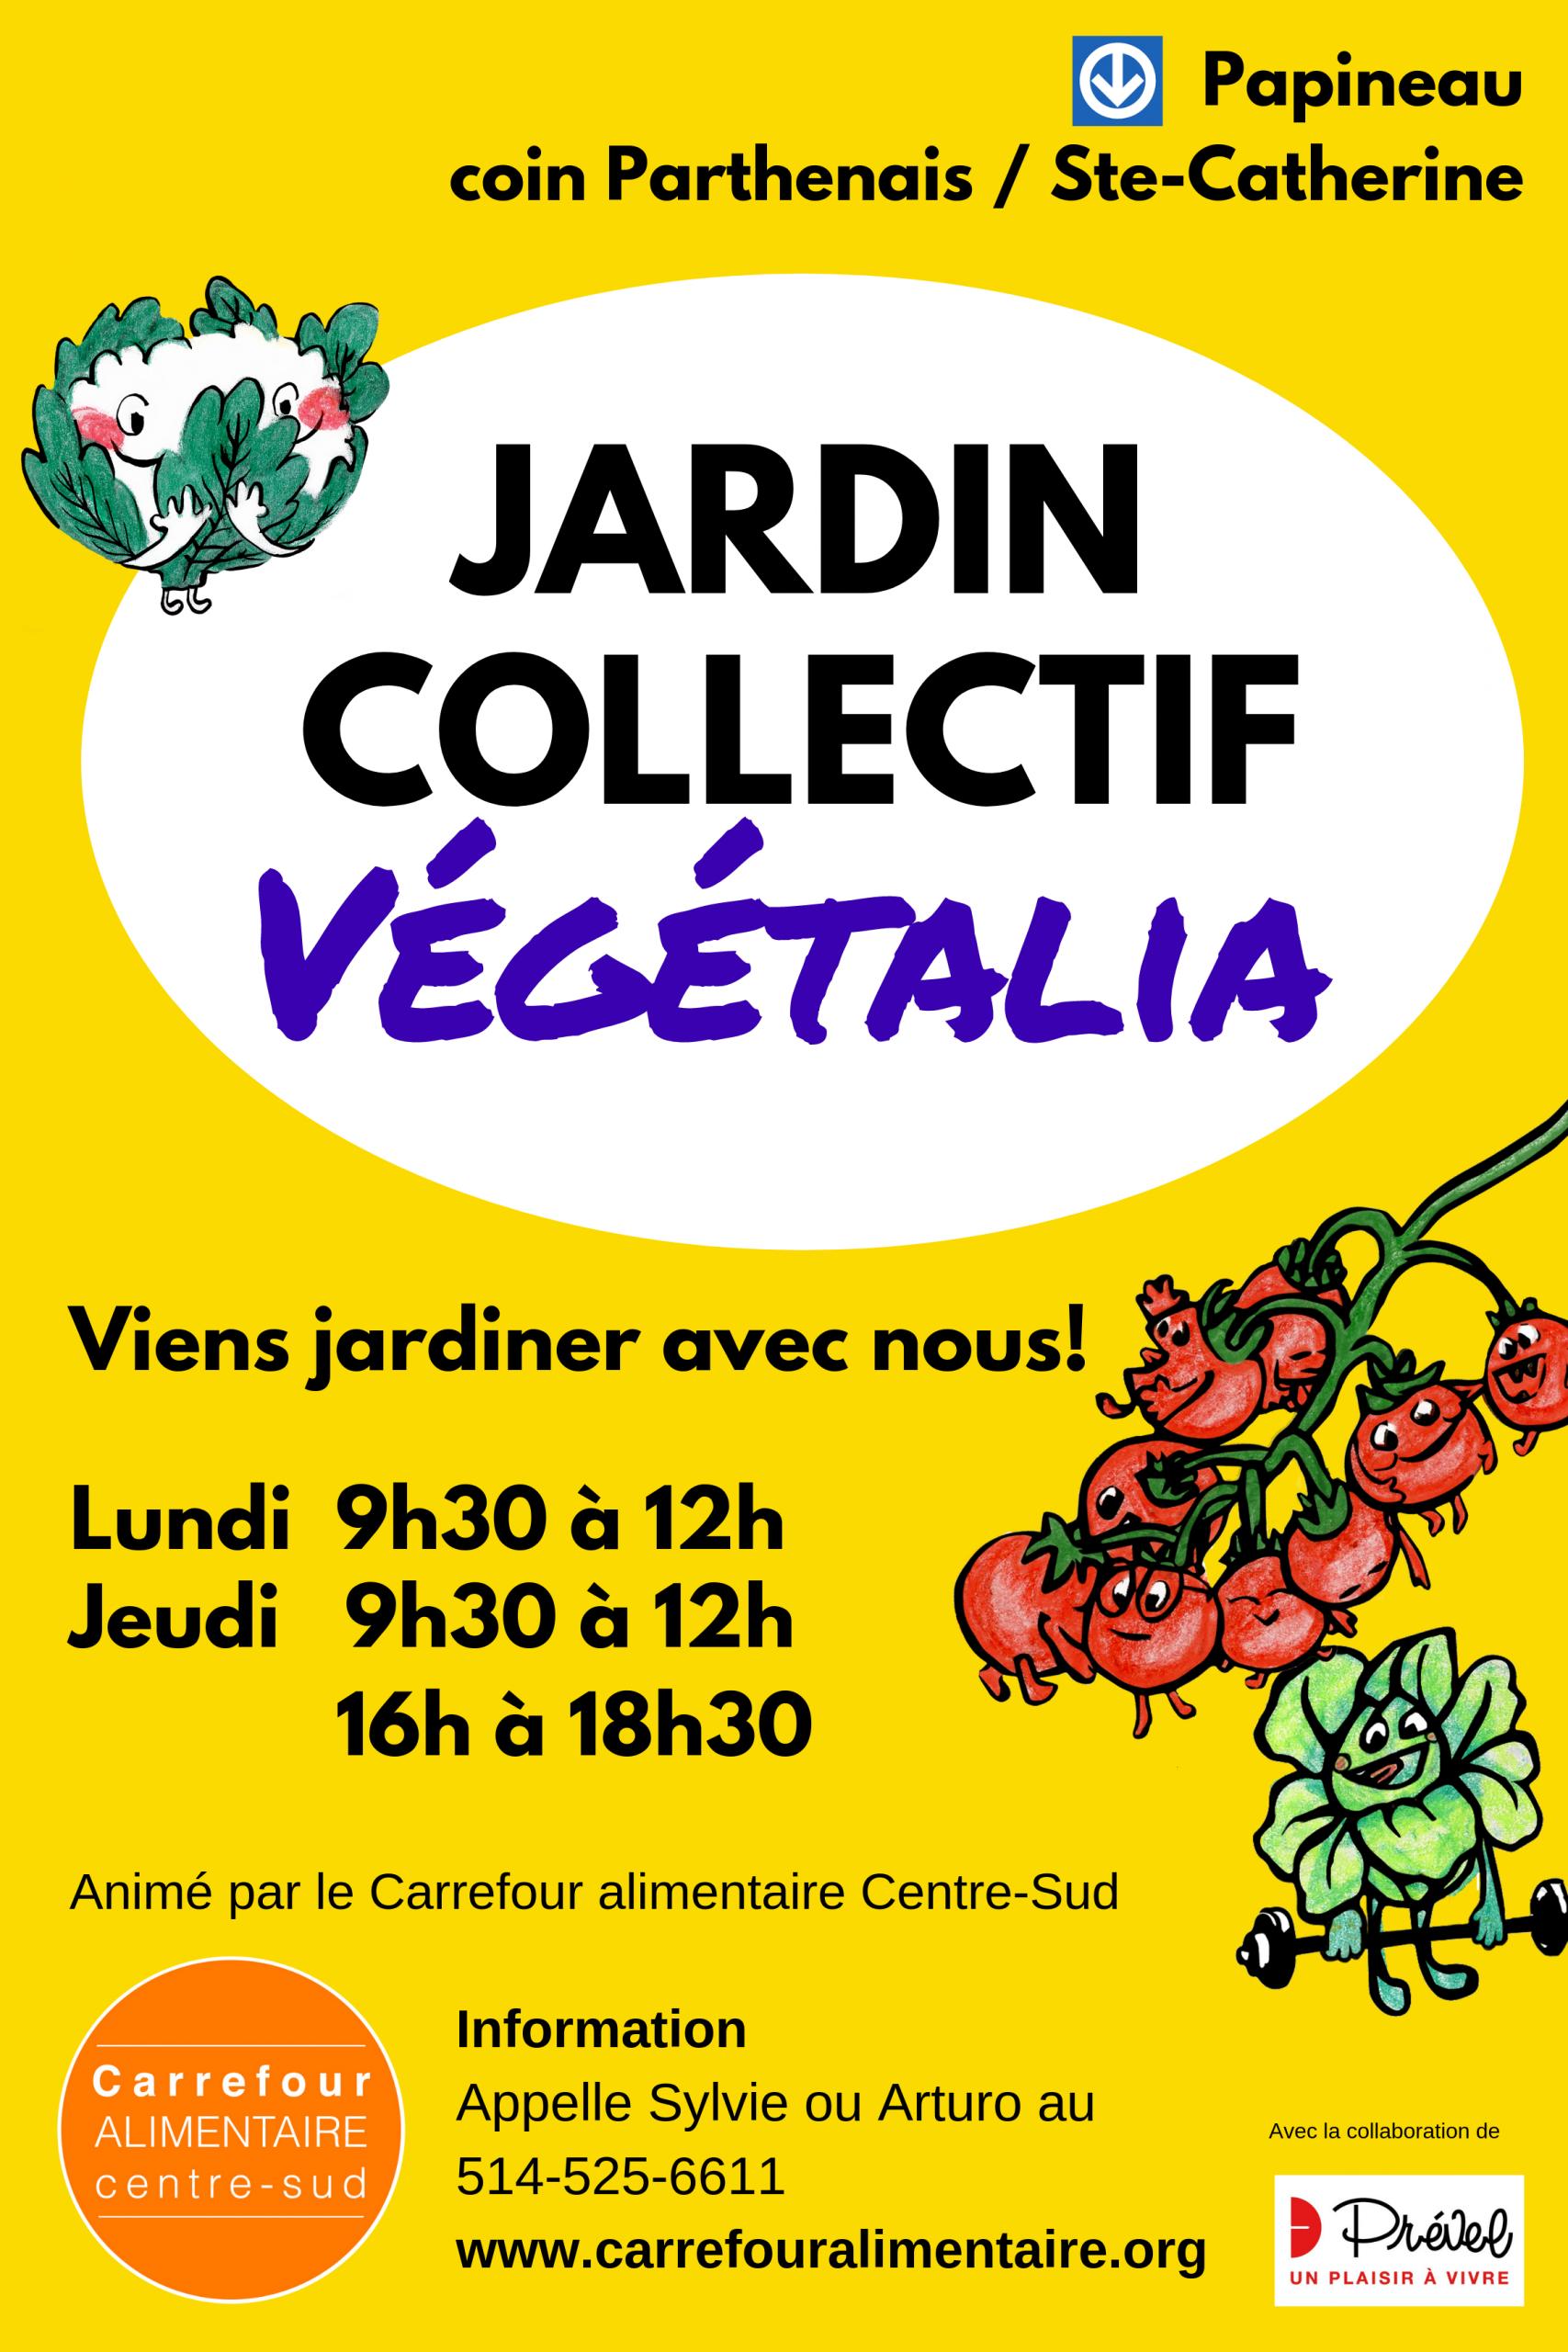 Carrefour Alimre Centre-Sud Agriculture Urbaine ... à Serre De Jardin Carrefour